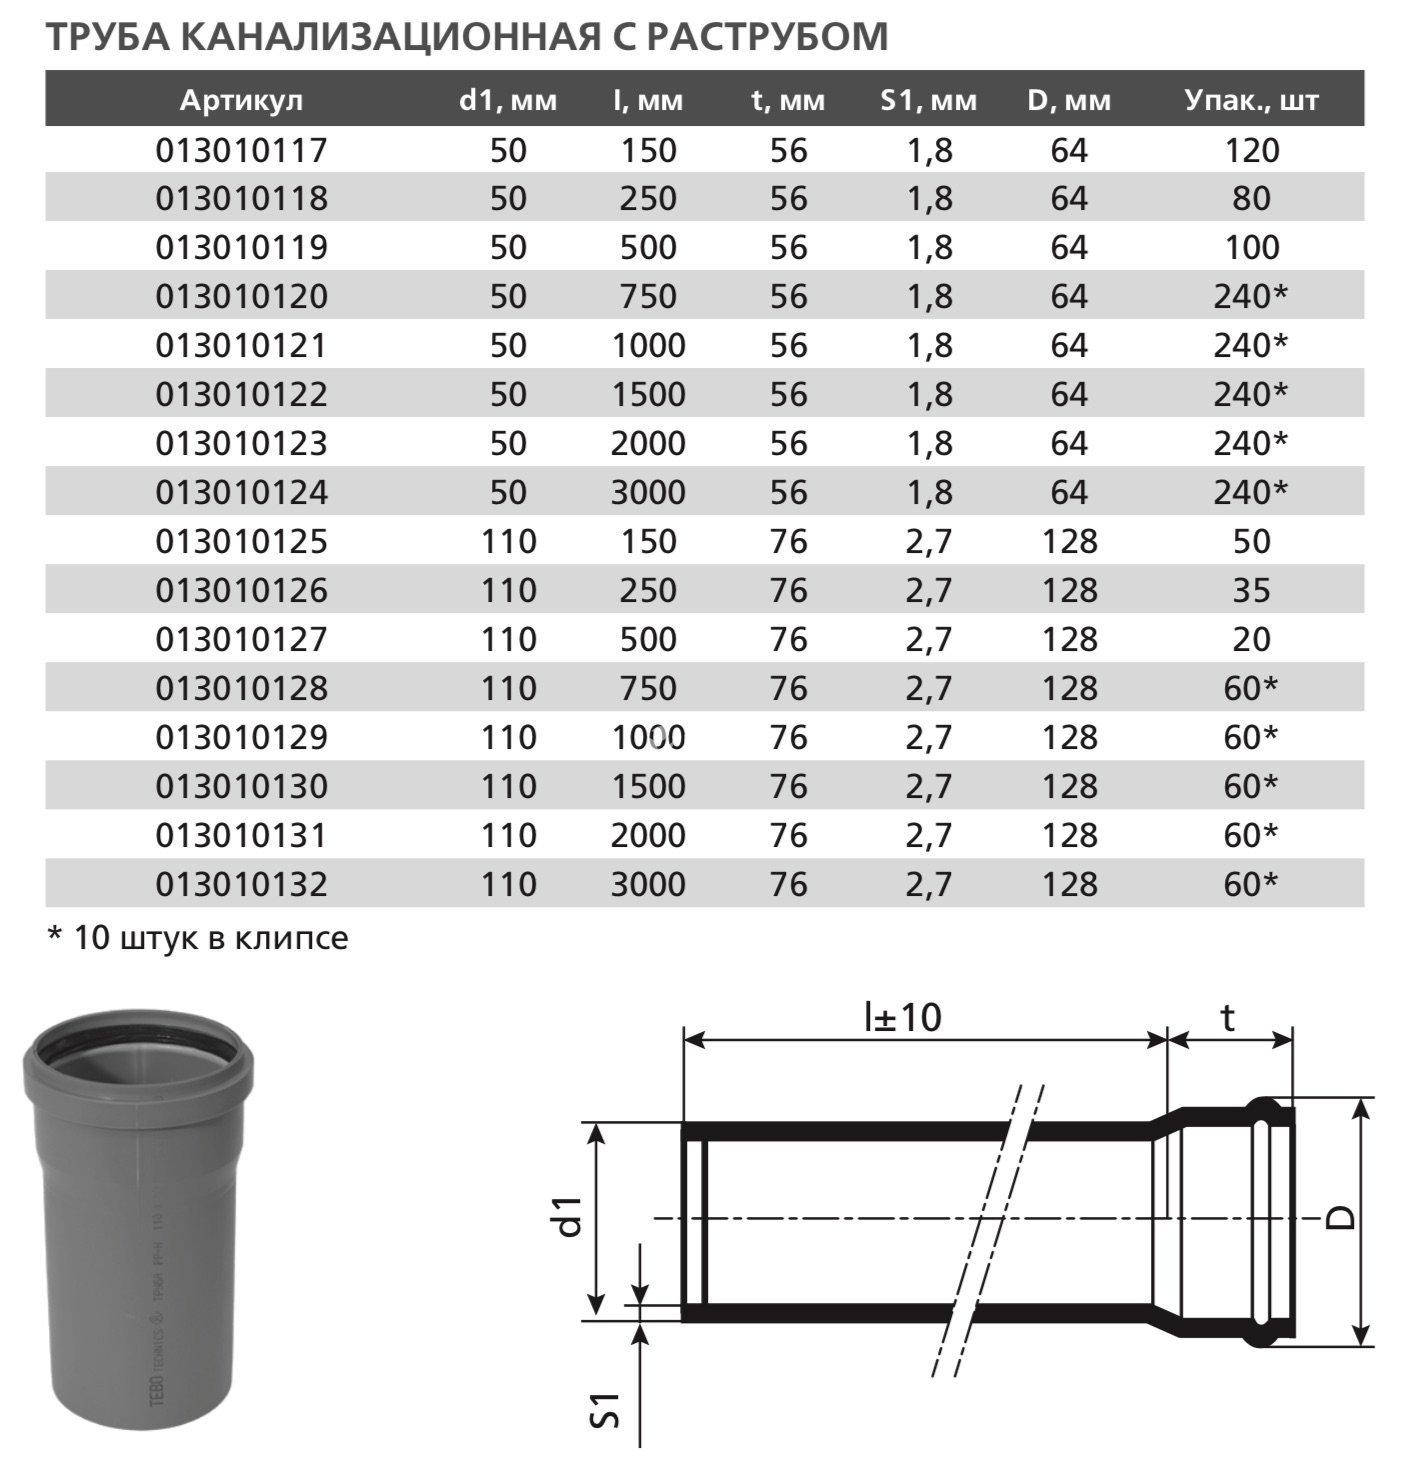 Диаметры пластиковых труб - трубы и сантехника